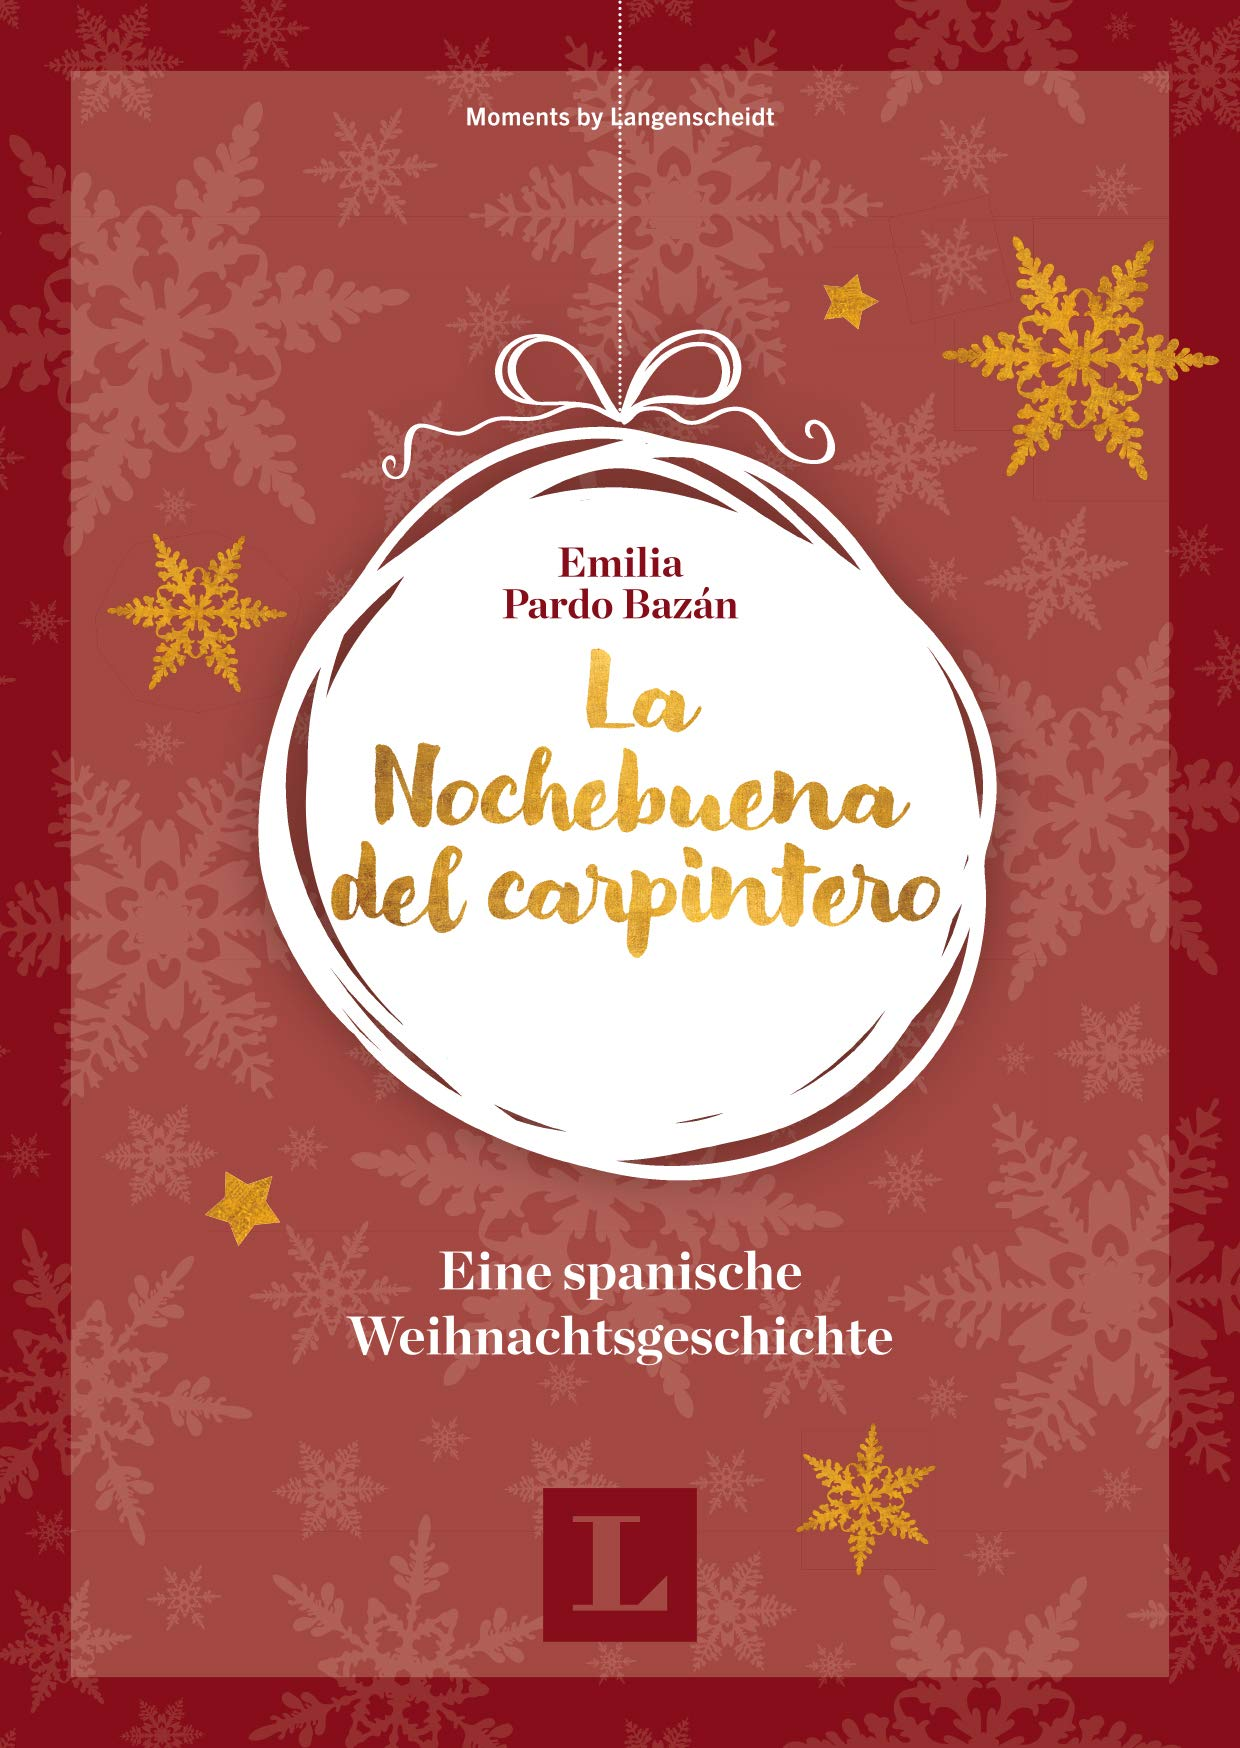 La Nochebuena del carpintero - Eine spanische Weihnachtsgeschichte ...